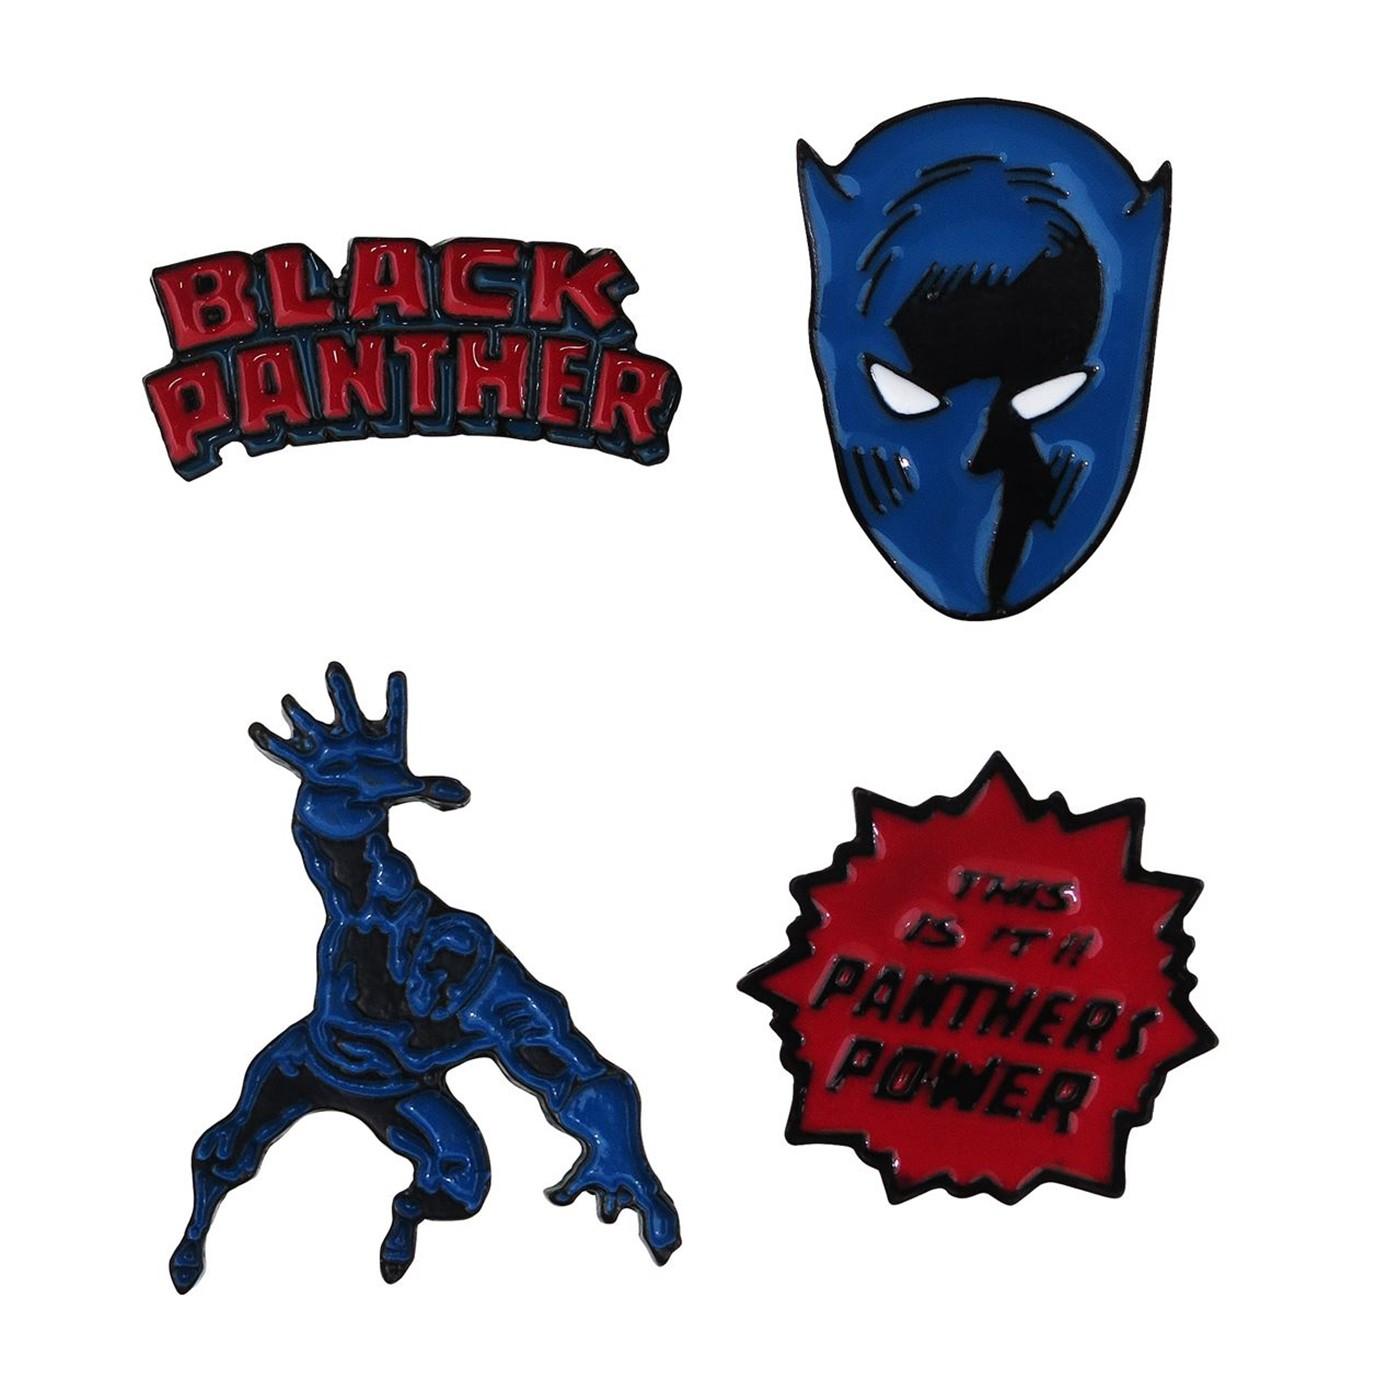 Black Panther Lapel Pin Set of 4